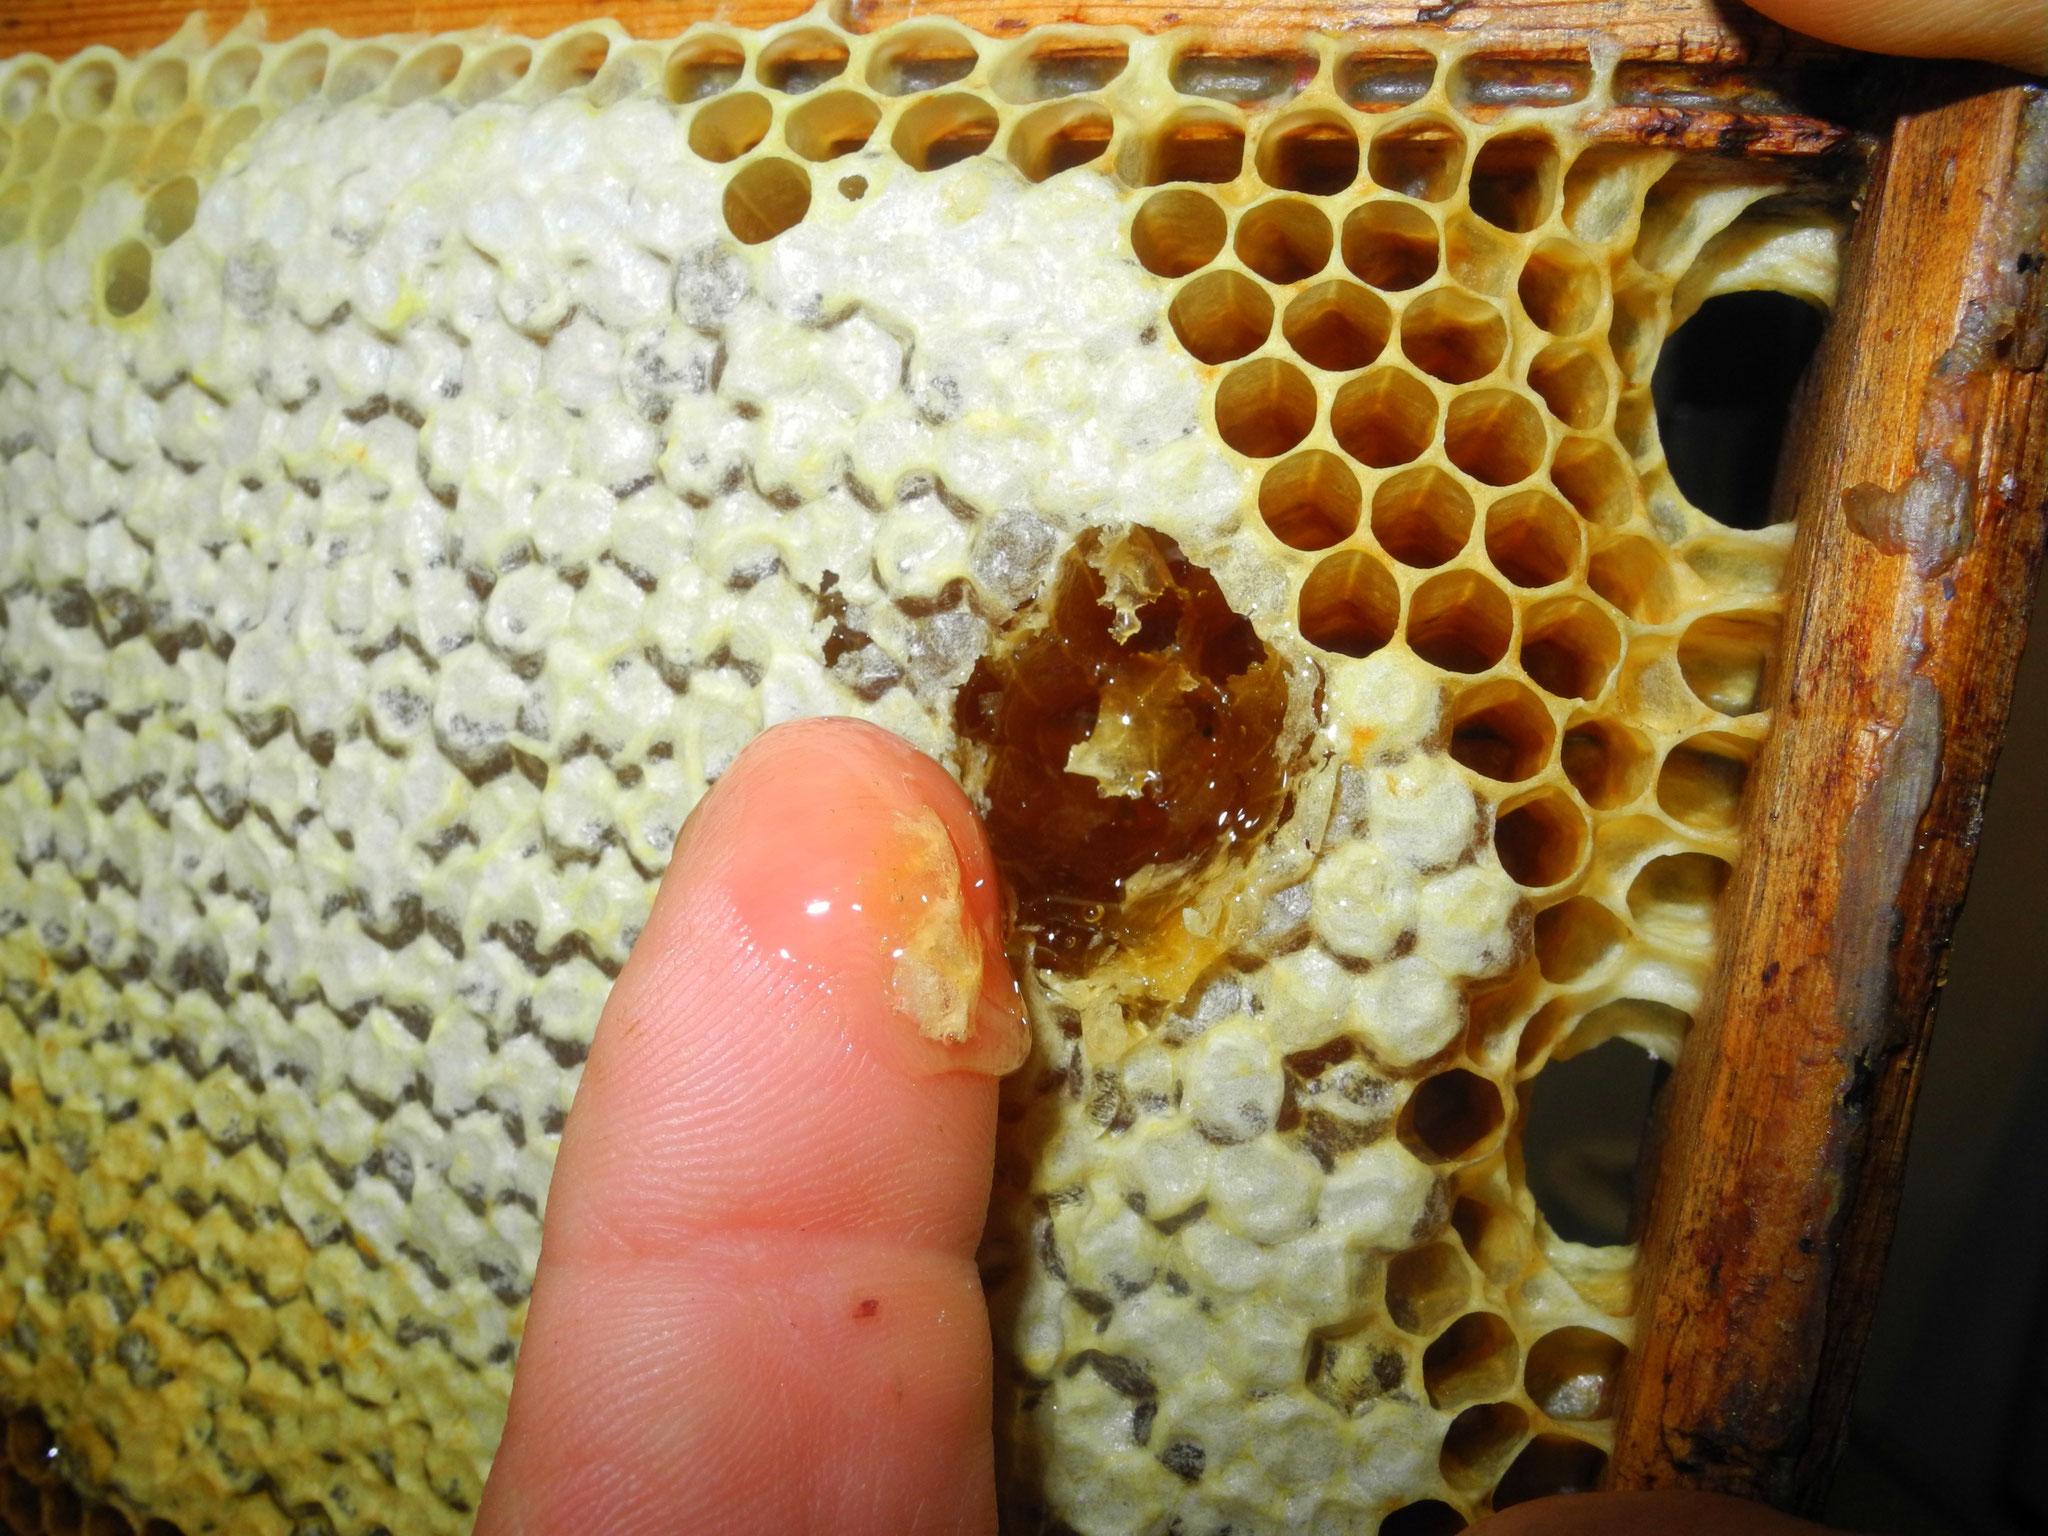 Verdeckelter Honig